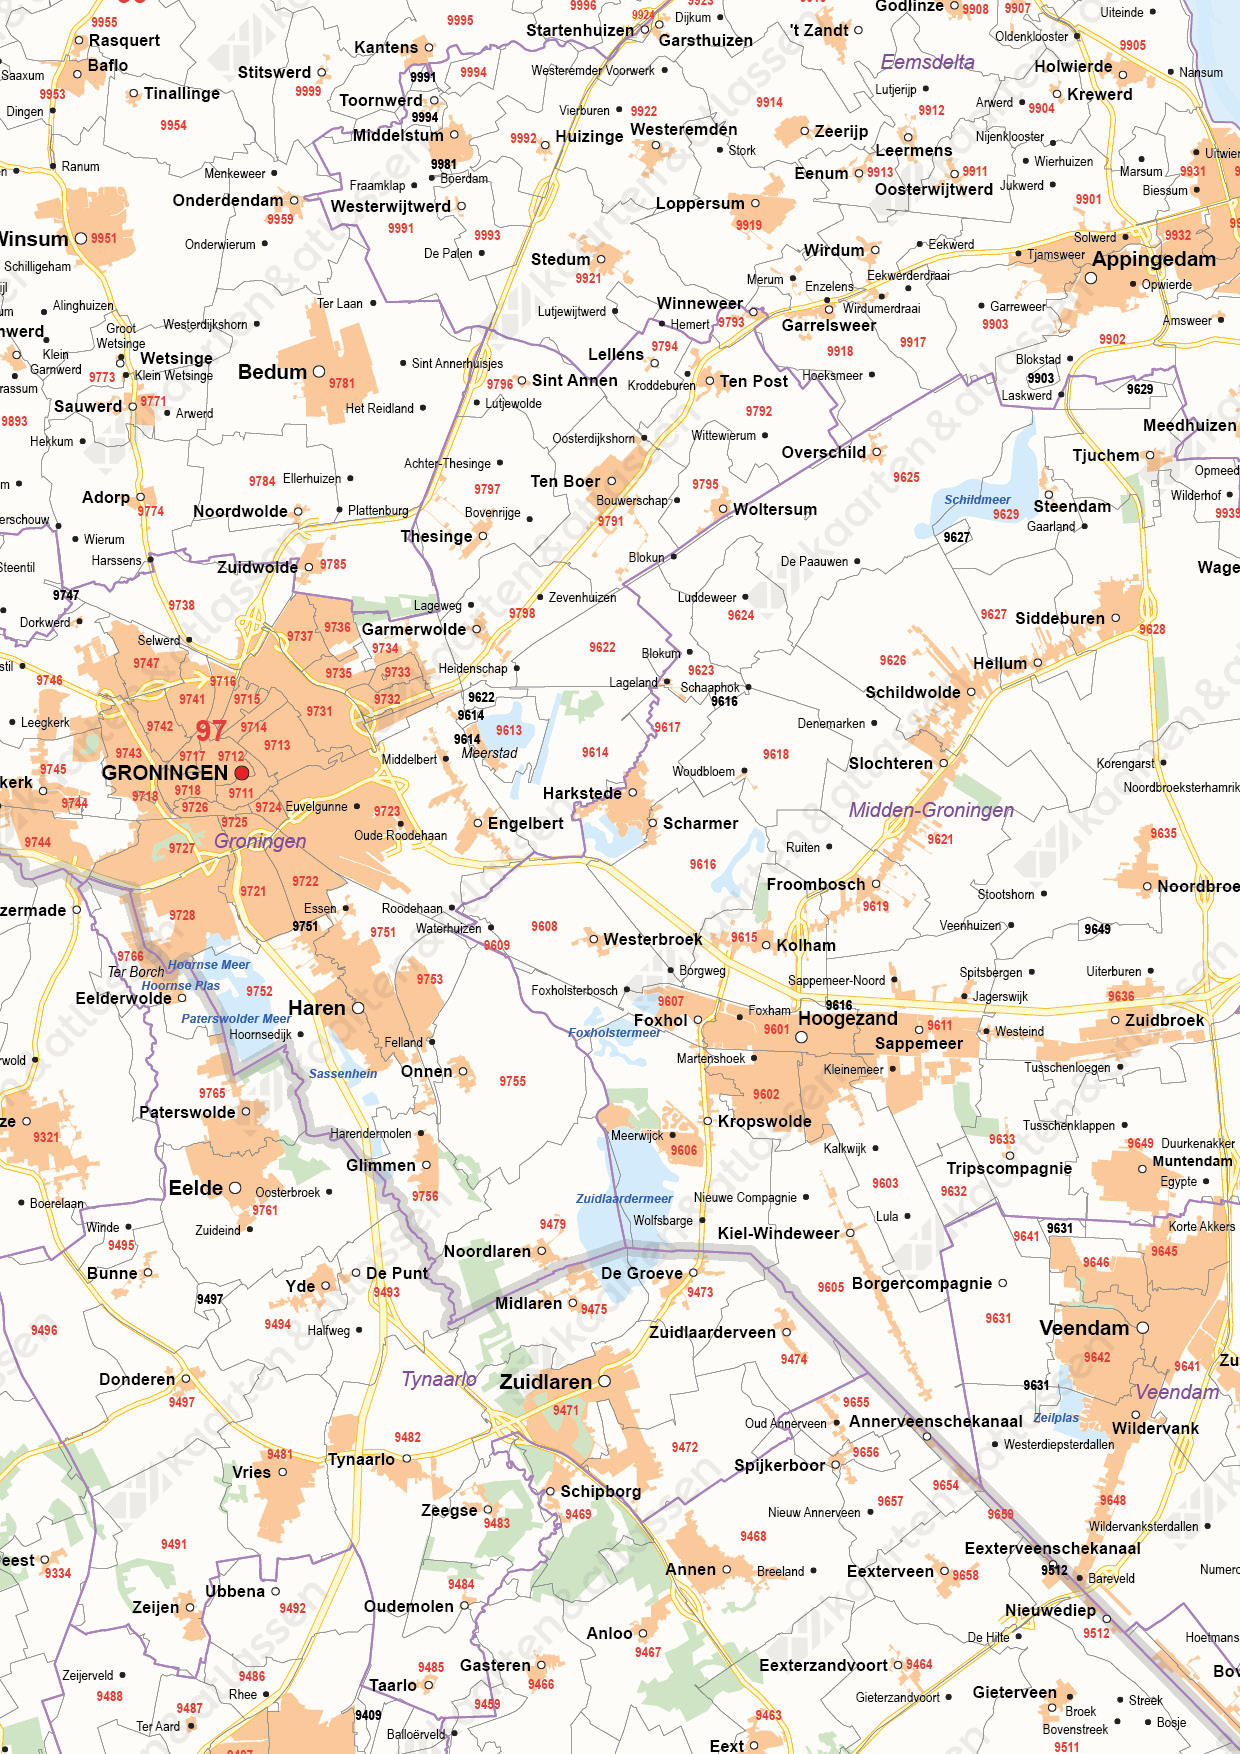 Postcode-/Gemeentekaart Groningen